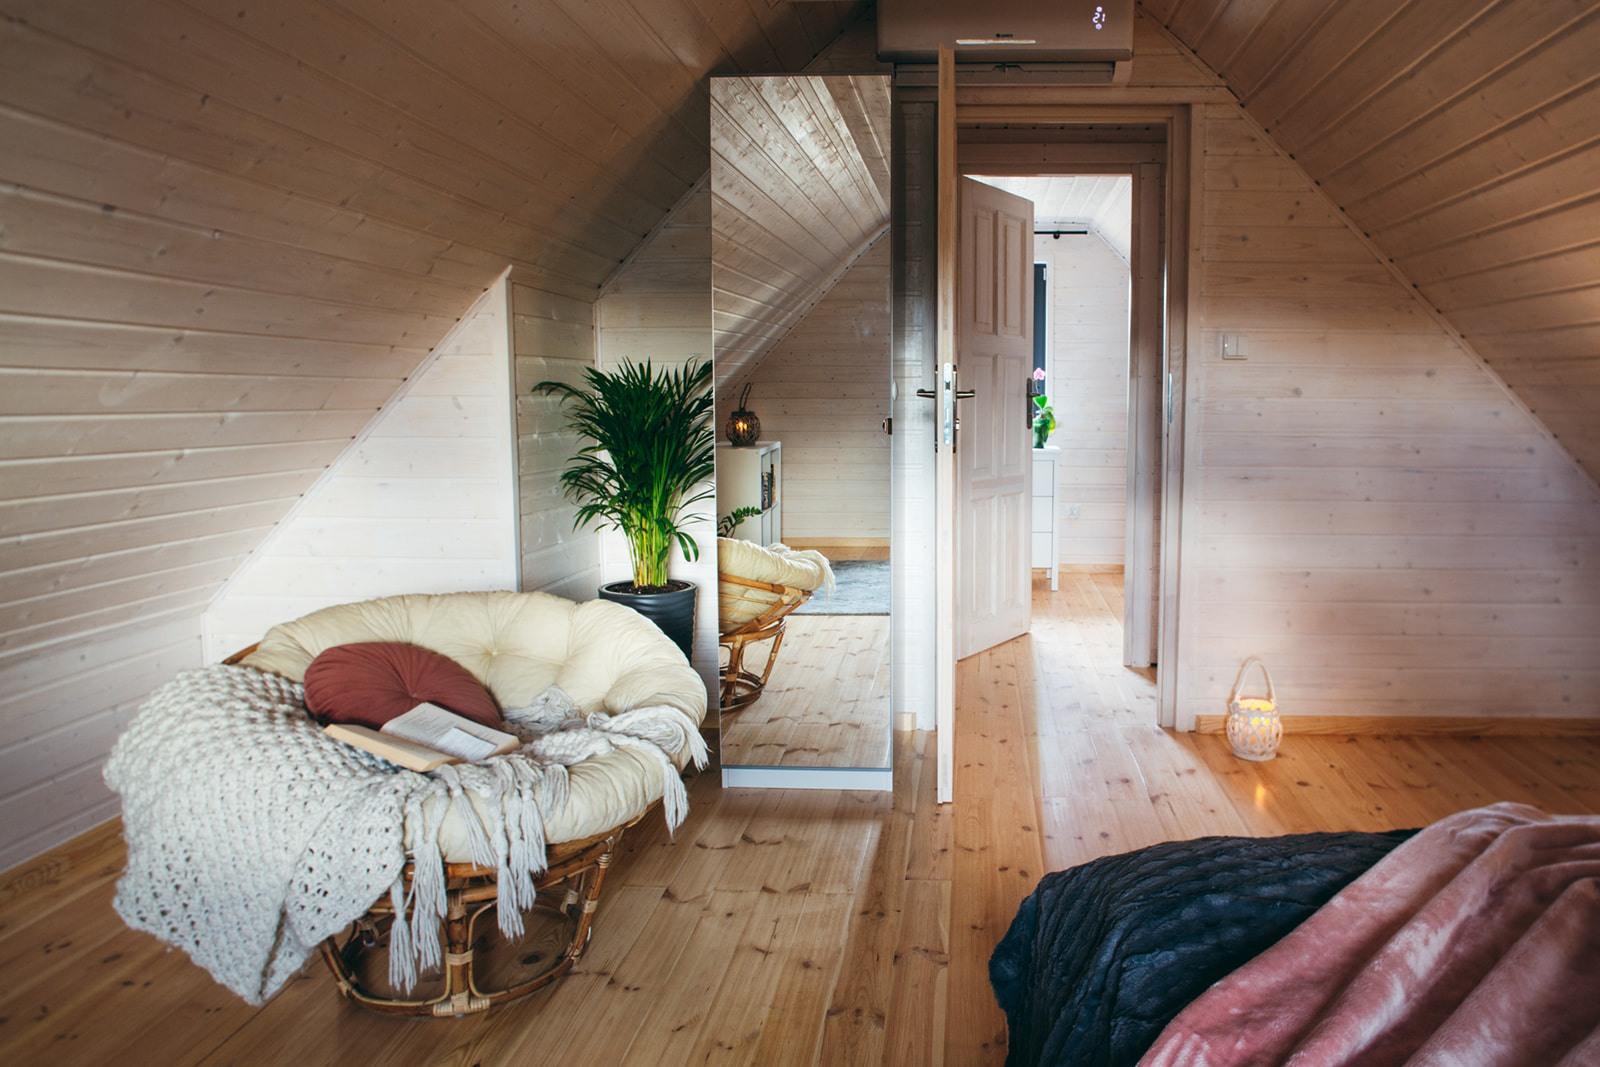 Domki w Beskidach, wnętrze sypialnia duża, widok na wejście